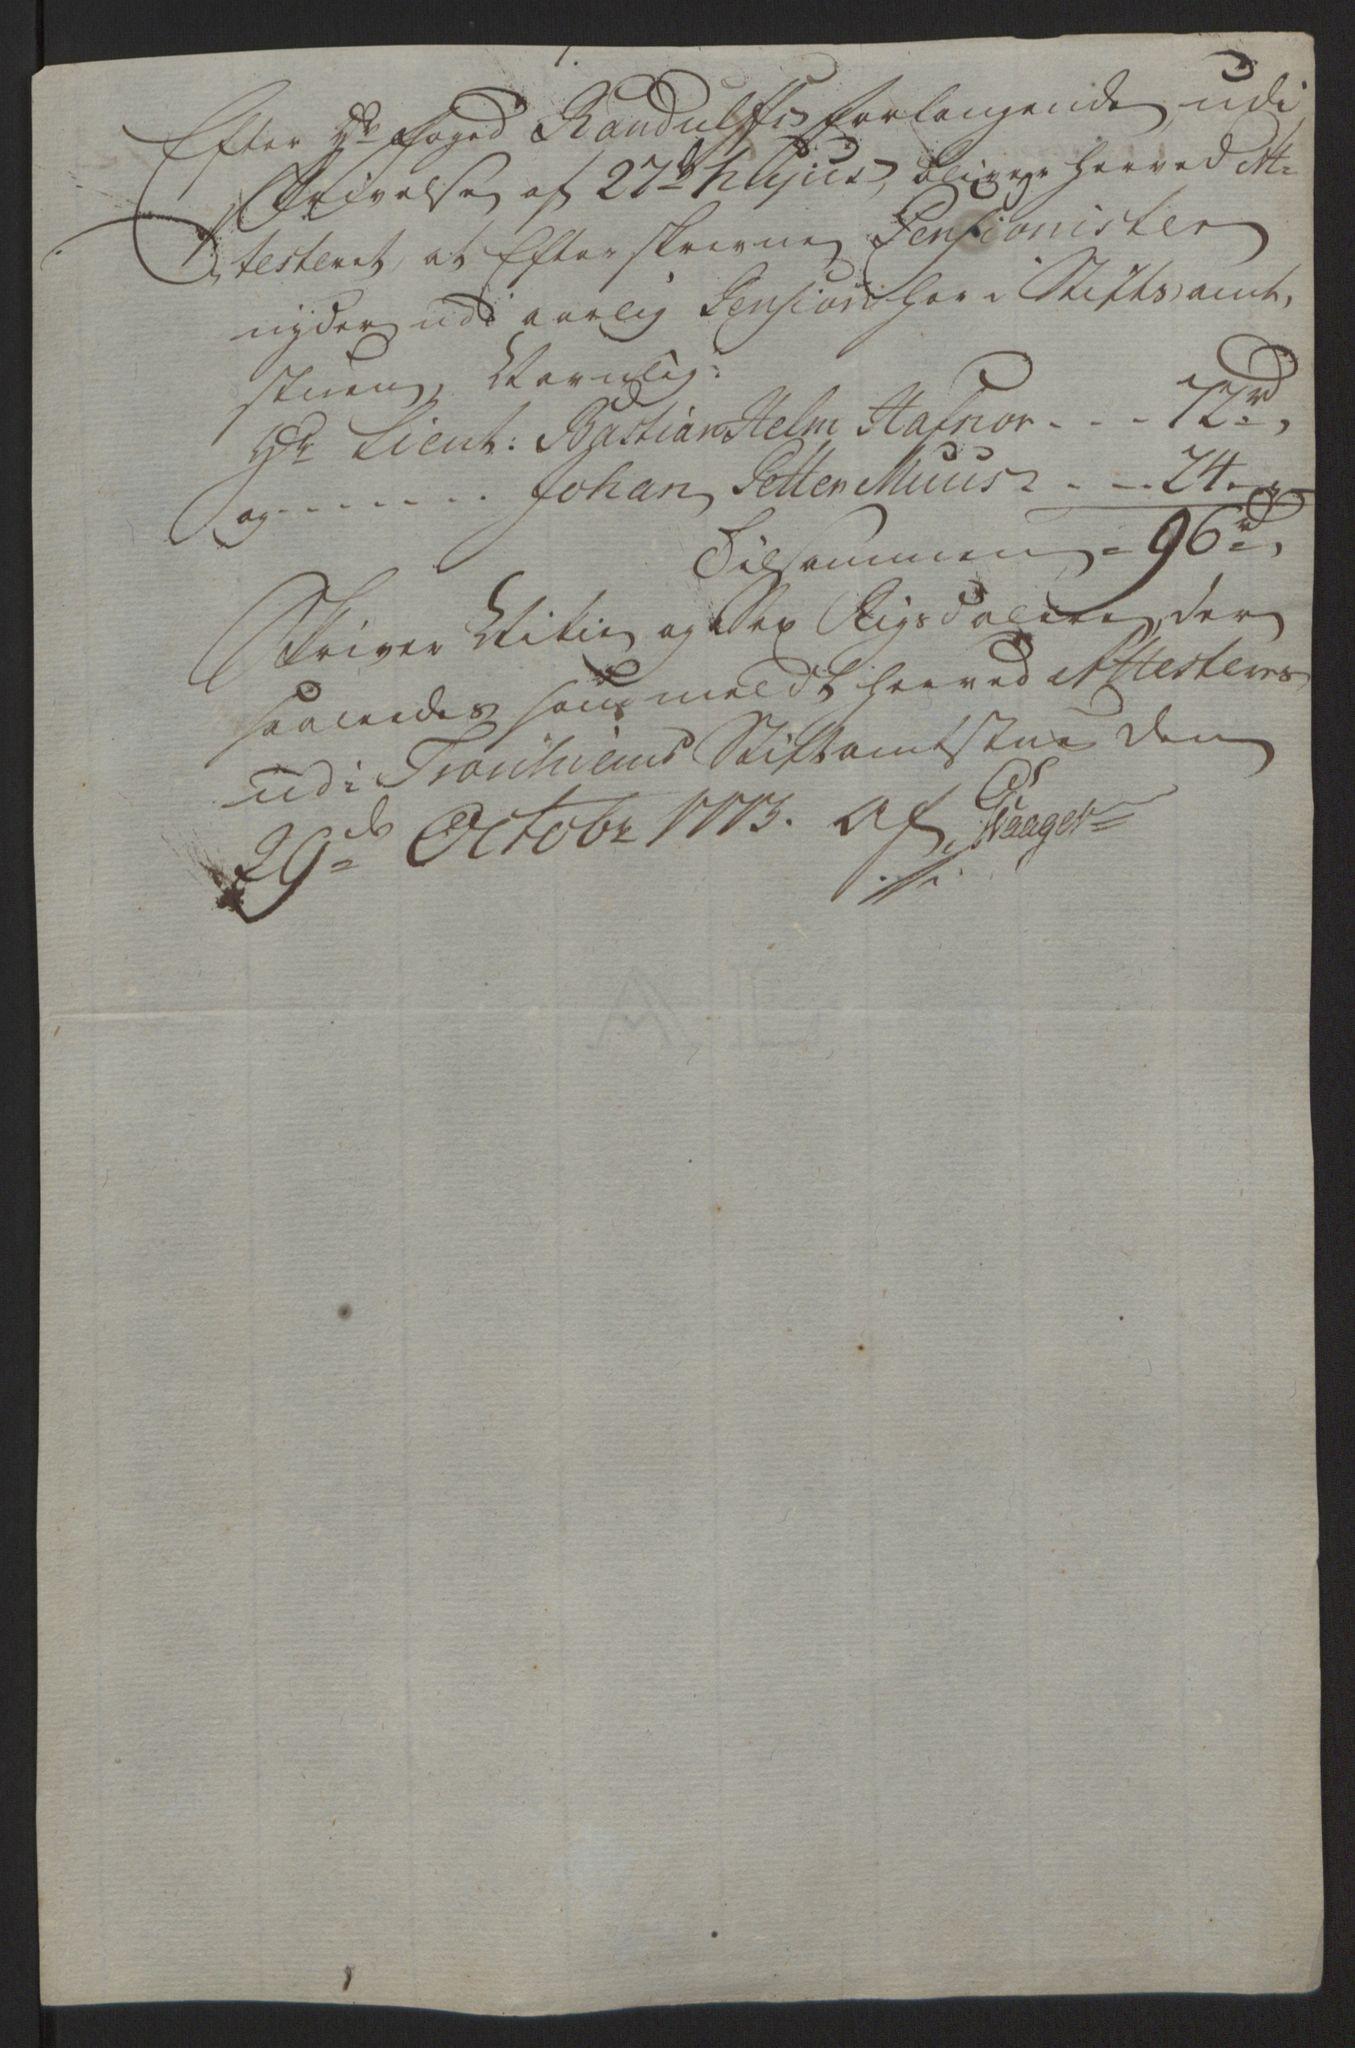 RA, Rentekammeret inntil 1814, Reviderte regnskaper, Fogderegnskap, R63/L4420: Ekstraskatten Inderøy, 1762-1772, s. 513